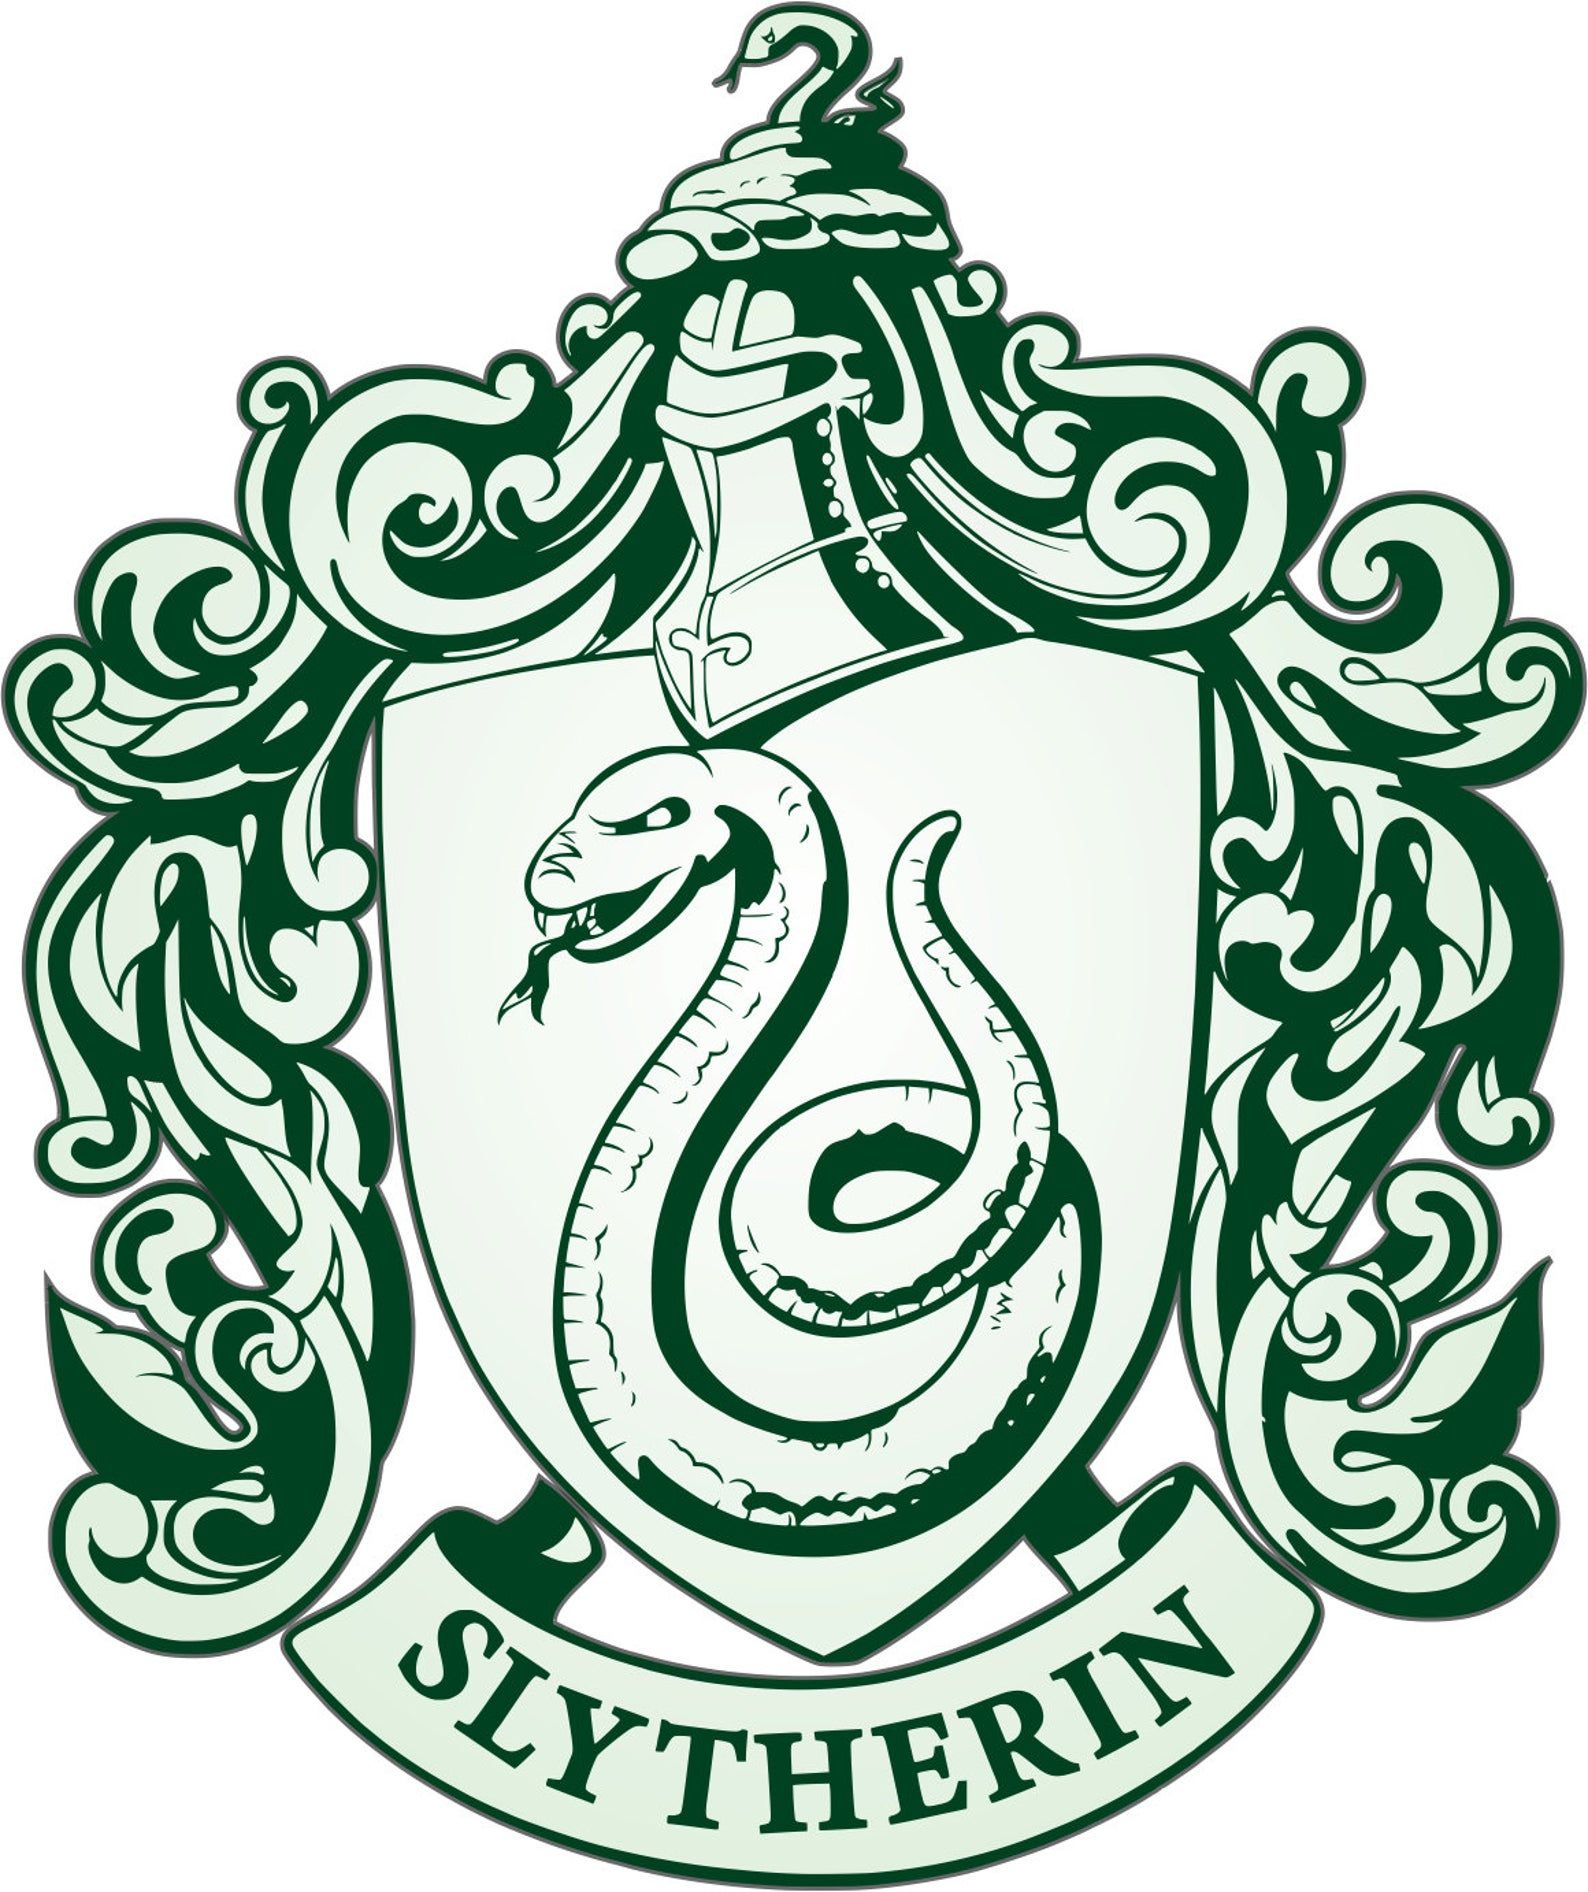 Slytherin Emblem Svg Faculties Of Hogwarts Png Harry Potter Etsy Slytherin Hogwarts Sign Harry Potter Universal